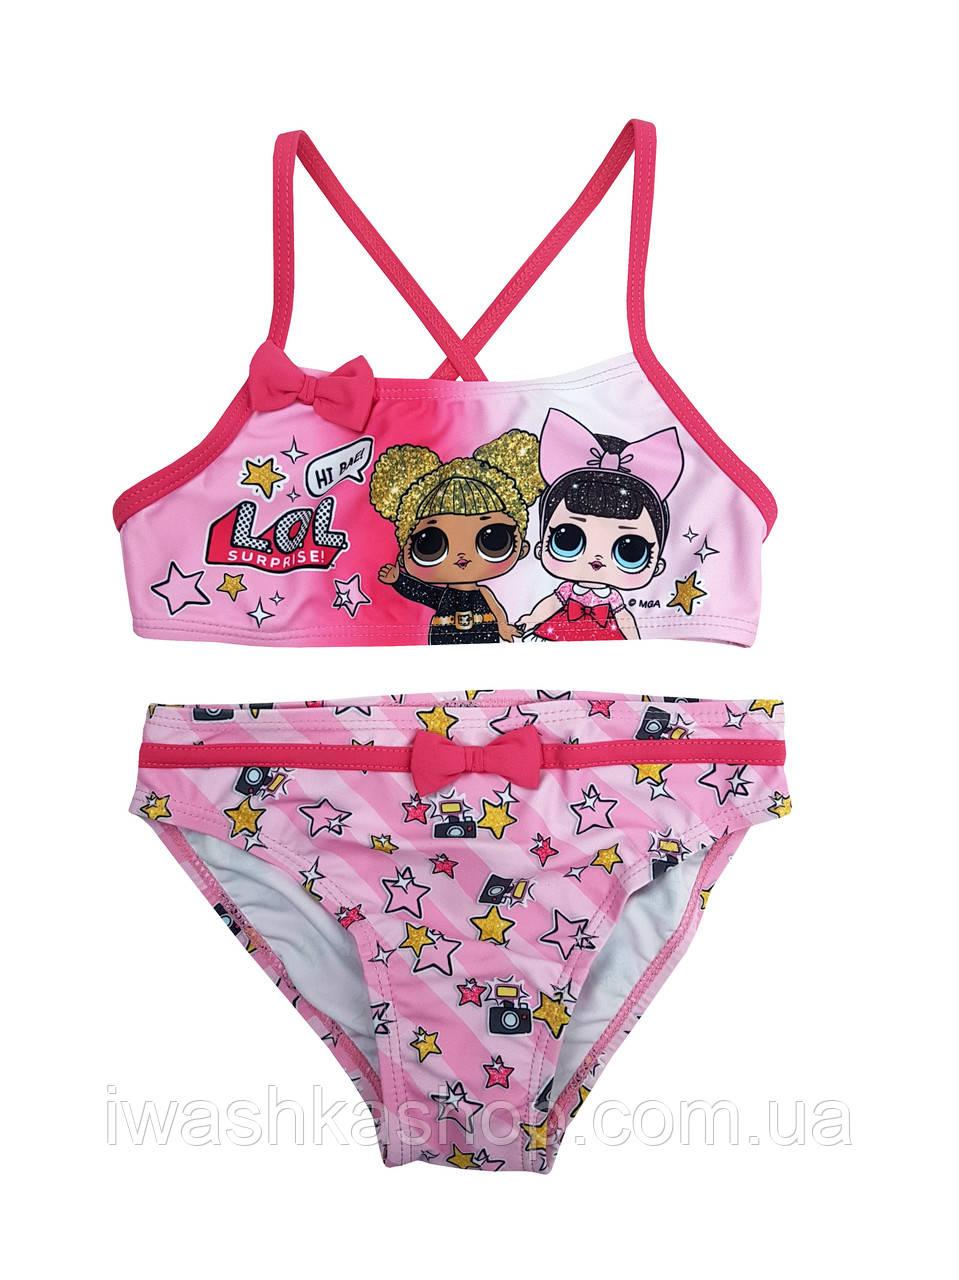 Стильный купальник, плавки и топ с куклами Лол, LOL на девочек 8 лет, р. 128, Sun City